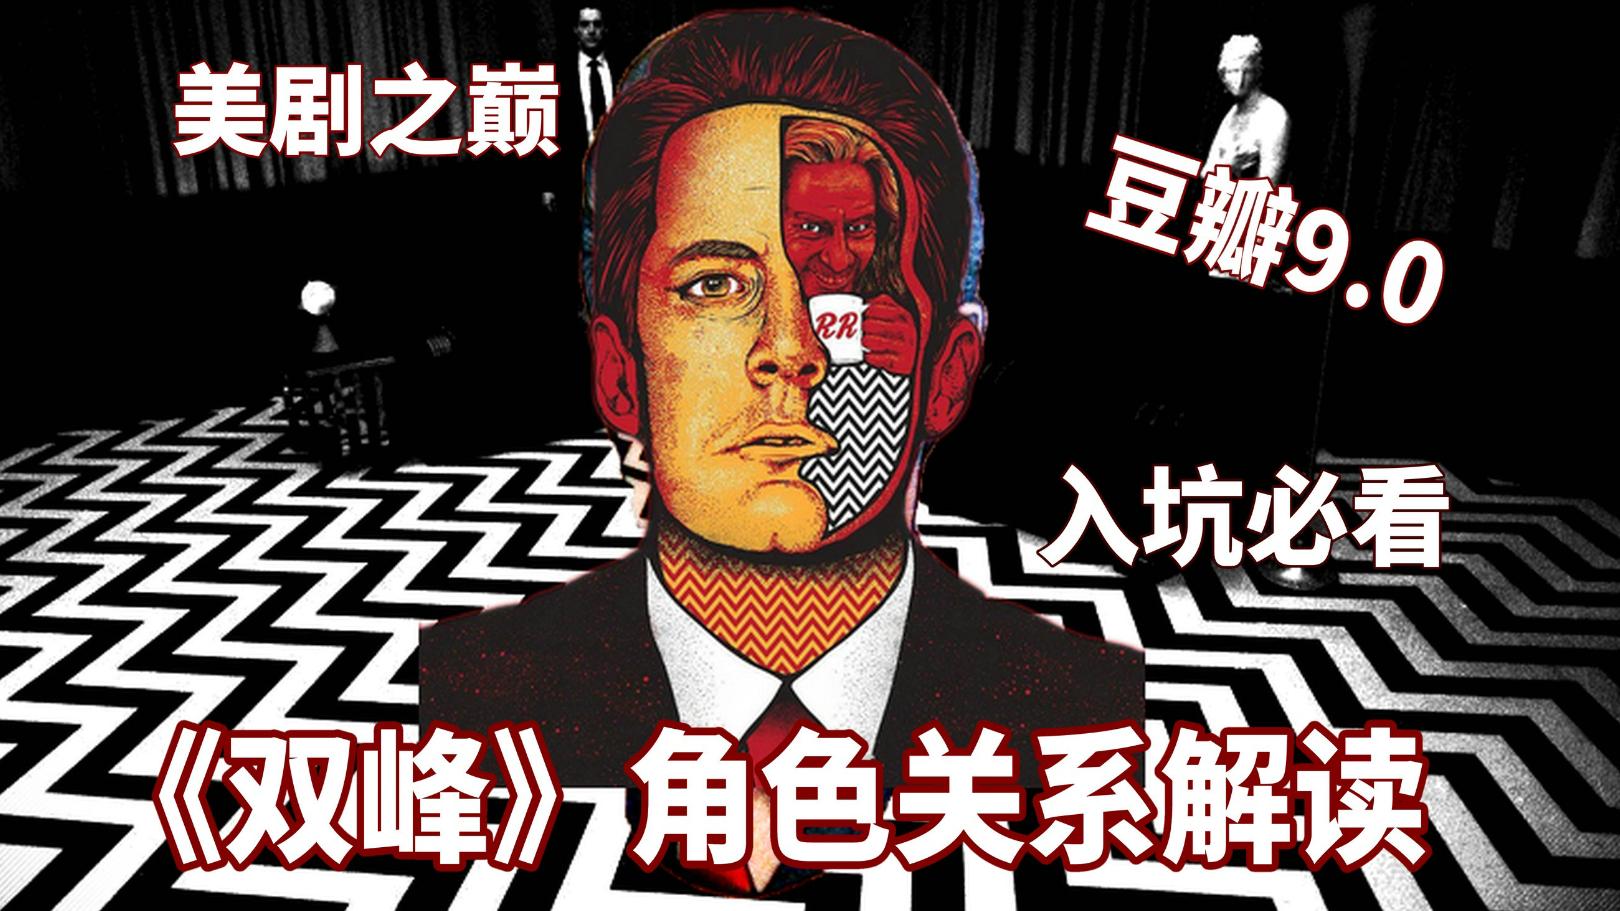 【精读】史上最烧脑美剧《双峰》入门解读!